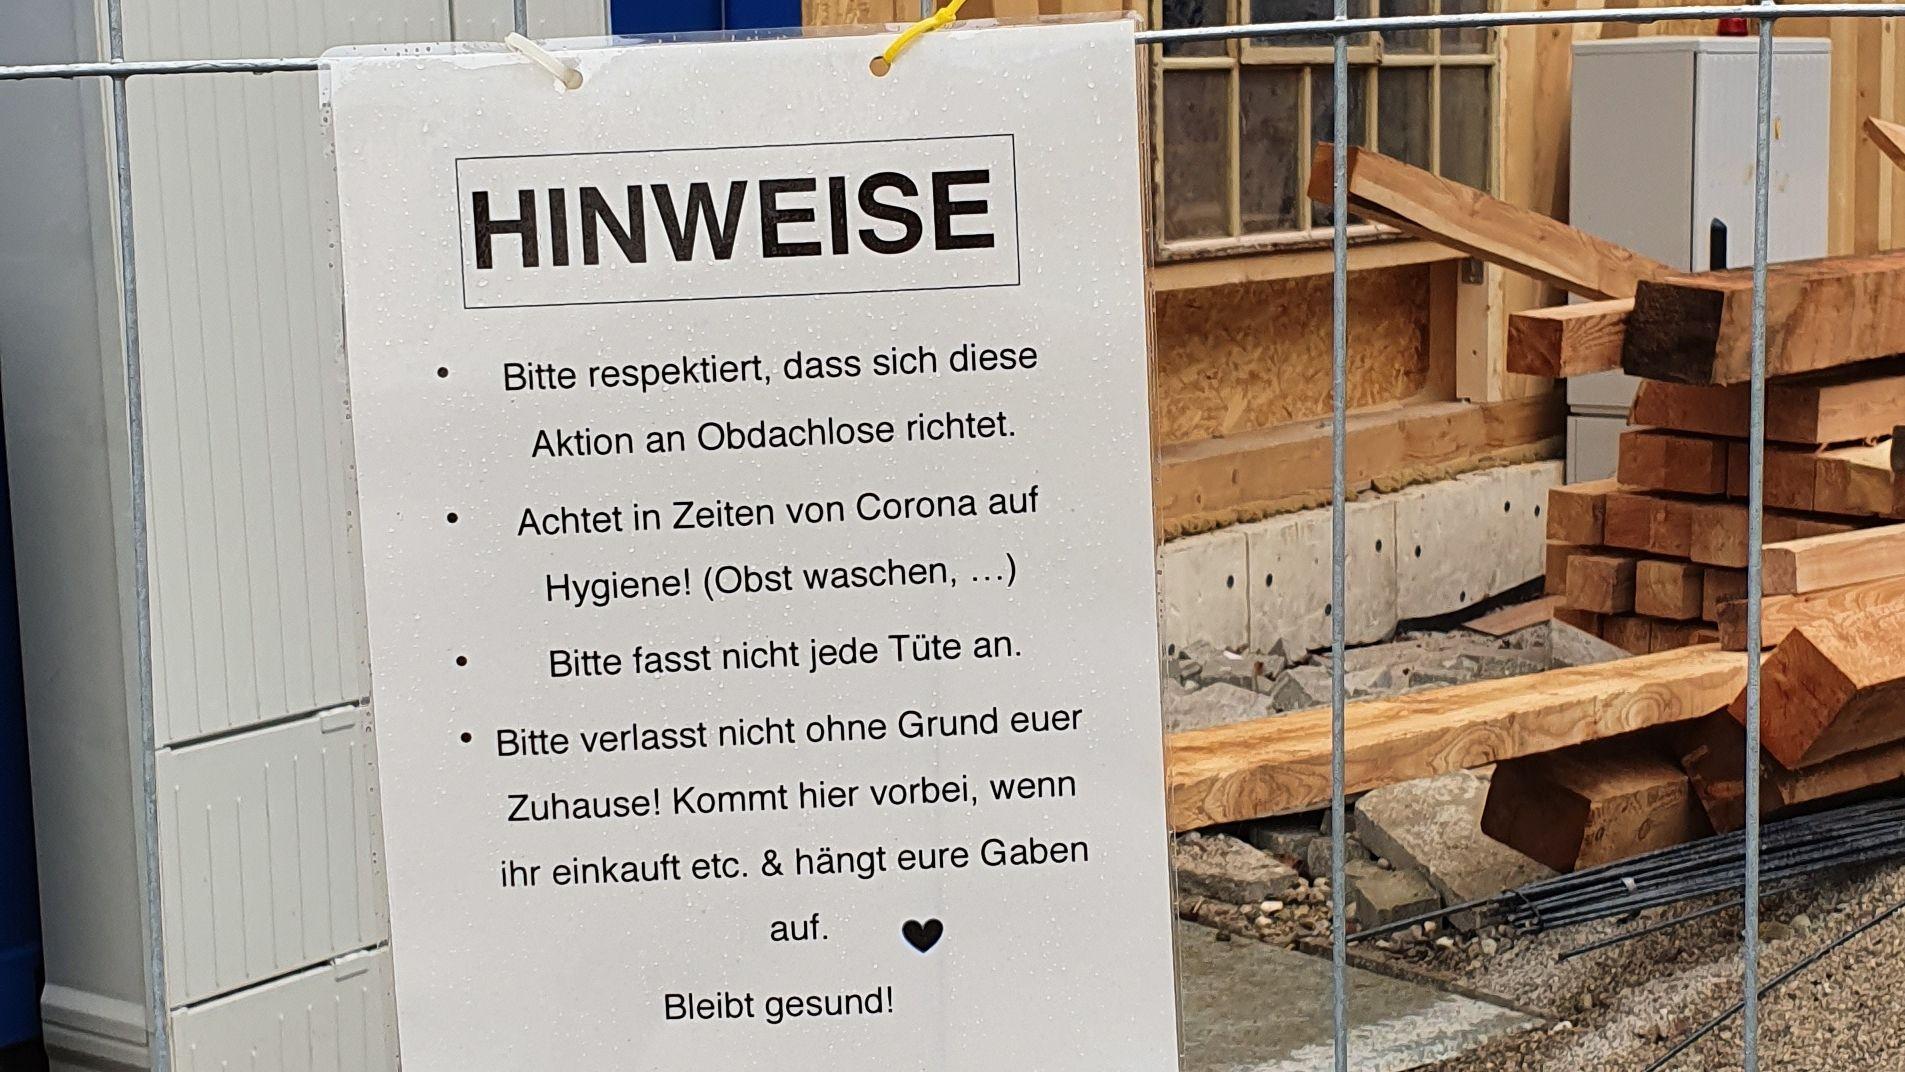 """Hinweistafel am""""Hexenhaus"""" in Giesing: """"Bitte respektiert, dass sich die Aktion nur an Obdachlose richtet""""."""